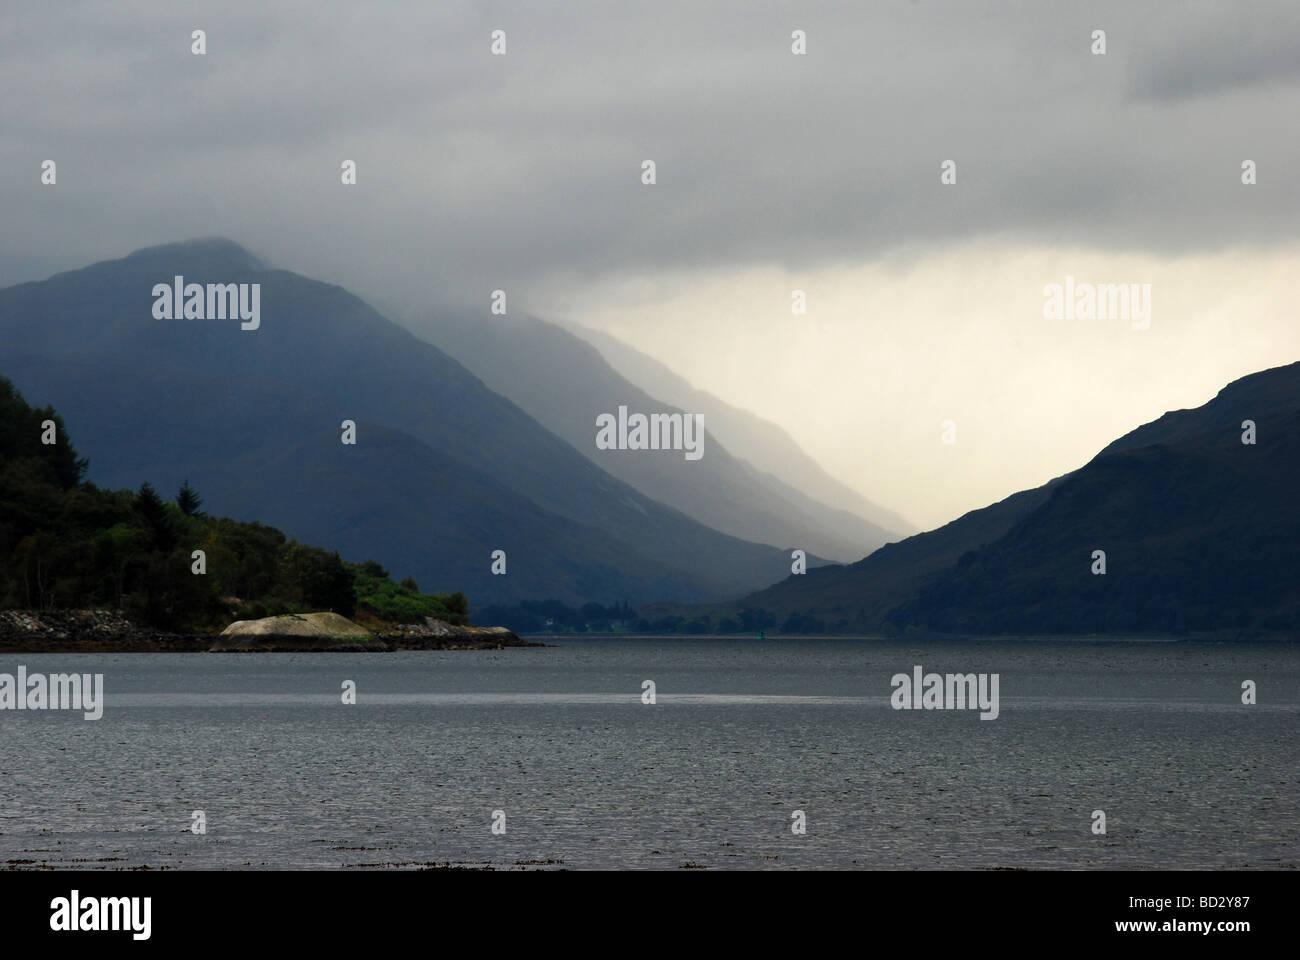 Glen Tarbert, Ardgour viewed from Ballachulish, Lochaber, Scotland, UK. - Stock Image